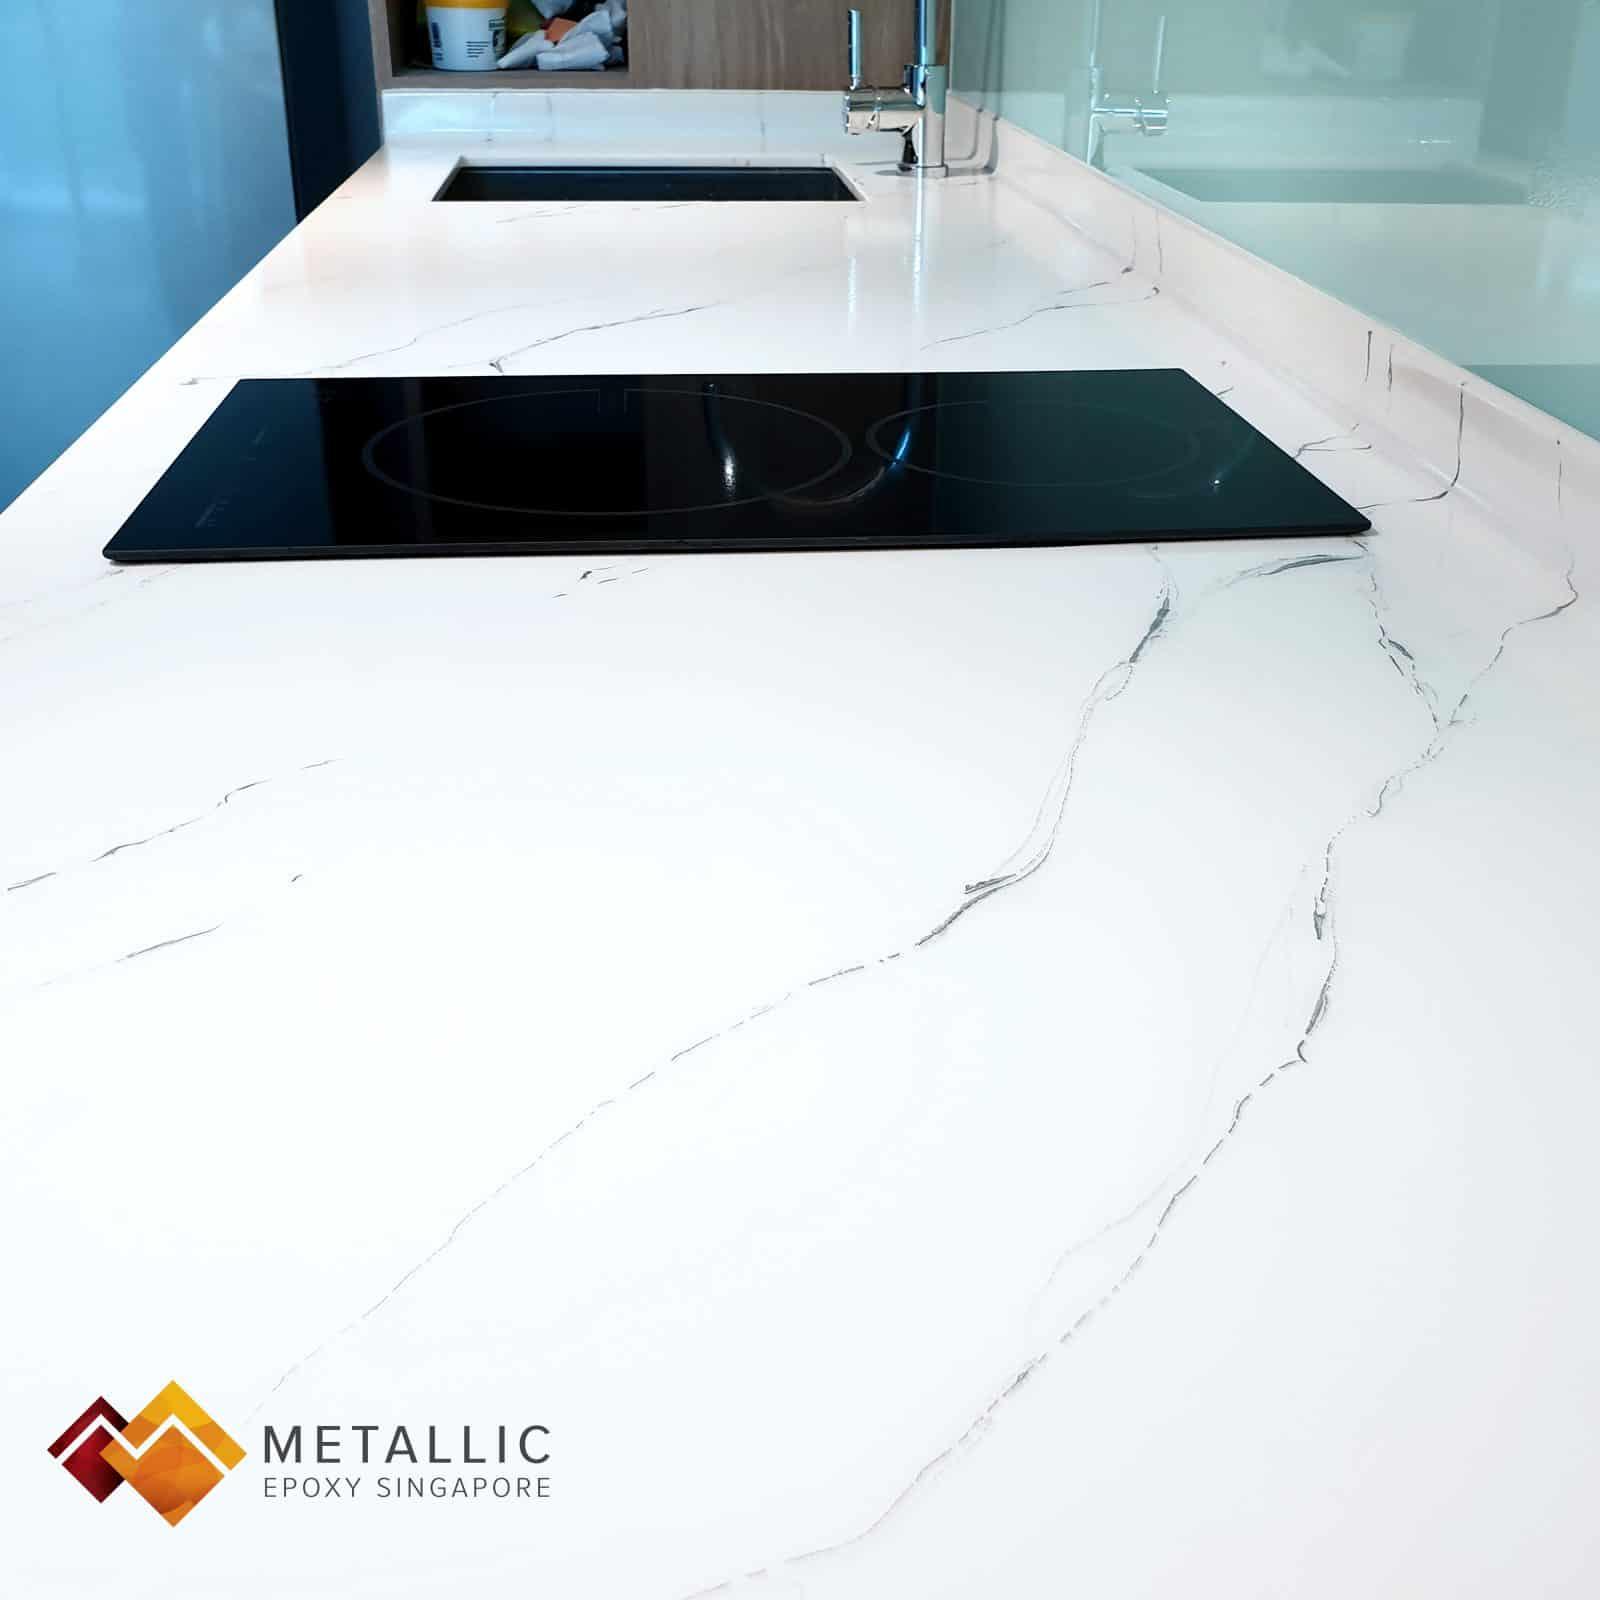 white metallic epoxy singapore countertop